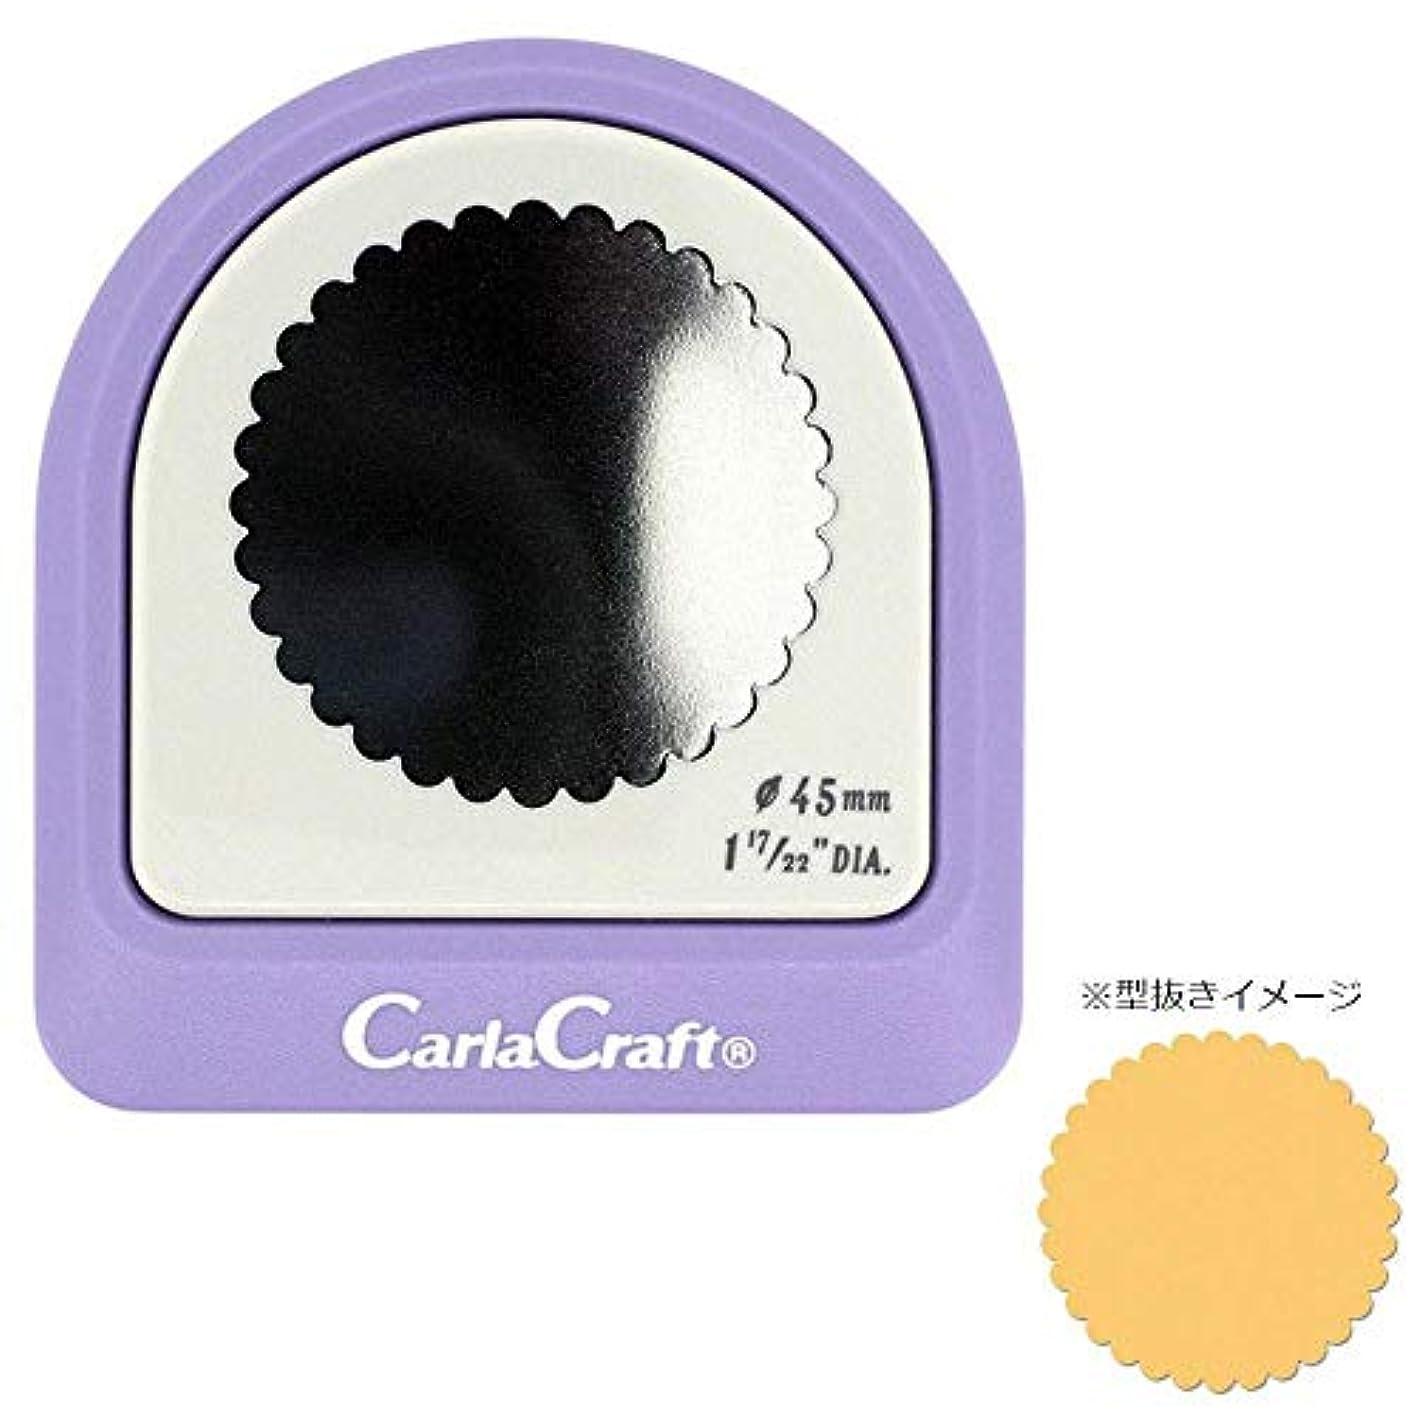 安心させる公園代数的Carla Craft(カーラクラフト) メガジャンボクラフトパンチ スカロップ45mm CN45010(4100768)